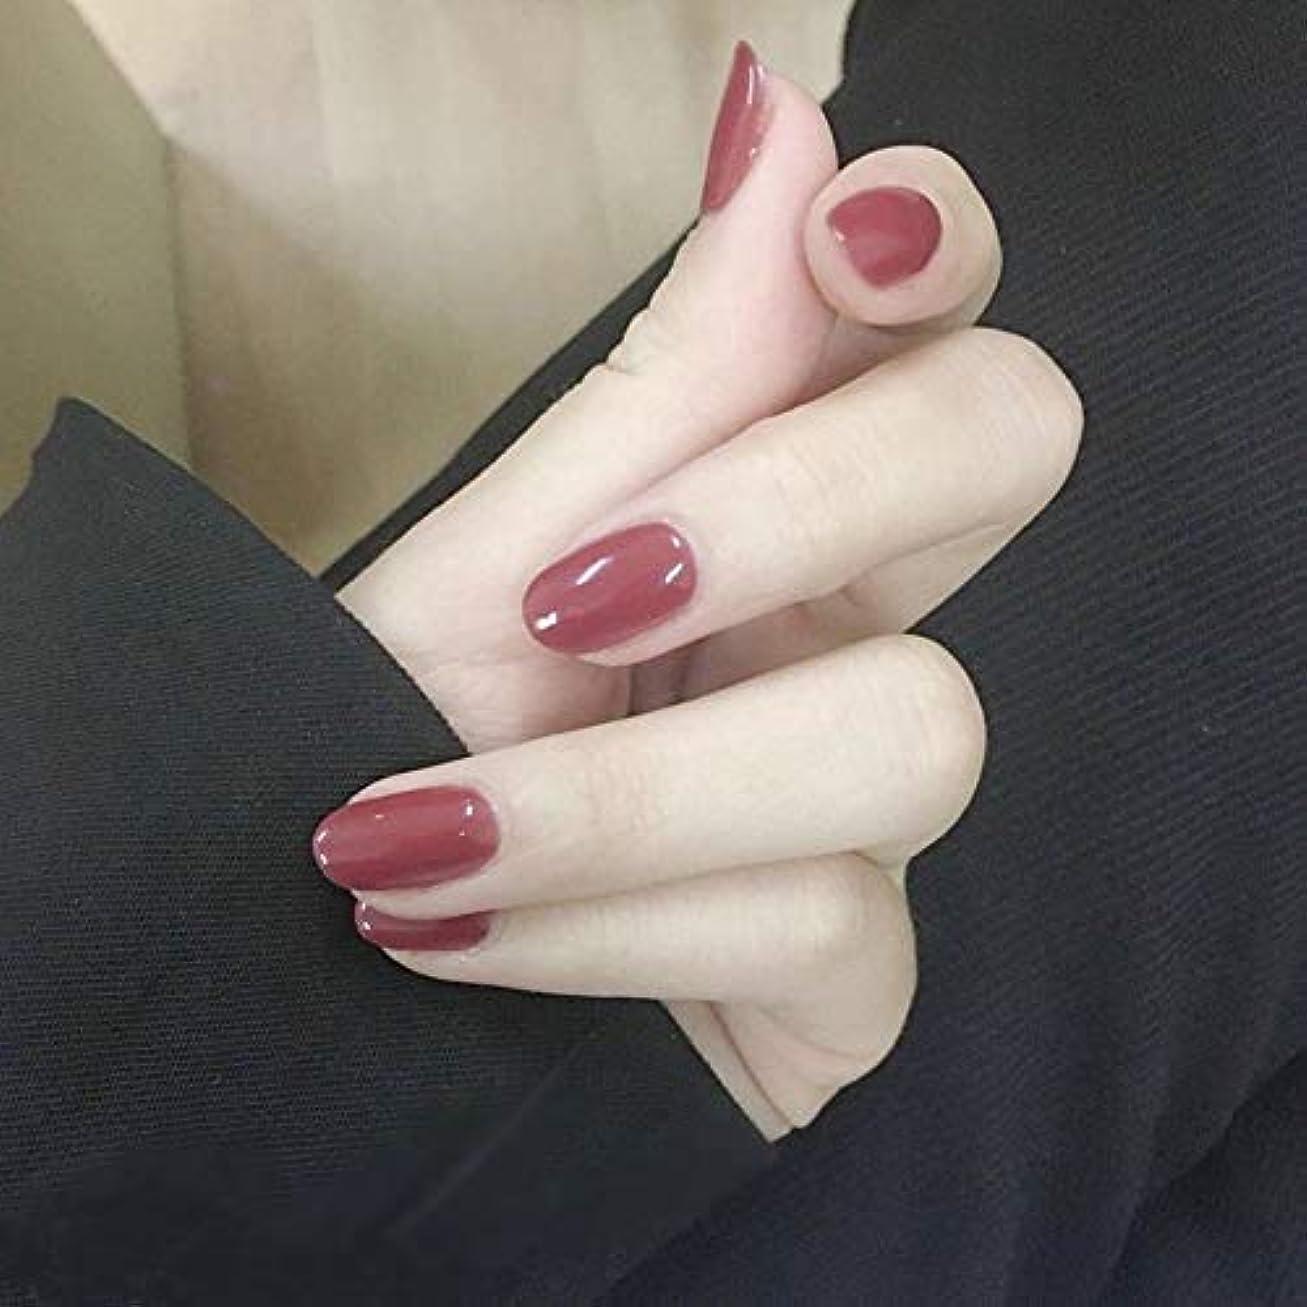 バイオレット小屋ダイヤルXUTXZKA オフィスの家のための24Pcs偽の釘のピンクのローズの楕円形の人工的な釘の先端のステッカー